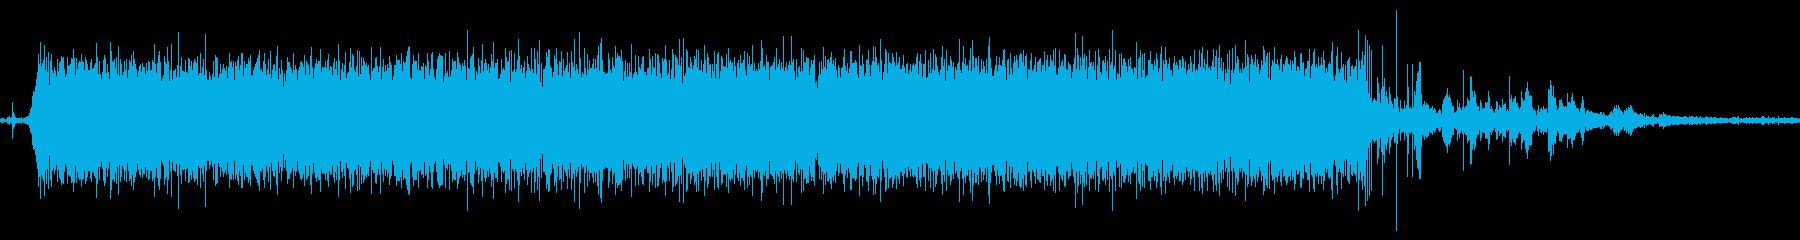 水道をひねった音「ジャー」って感じです。の再生済みの波形